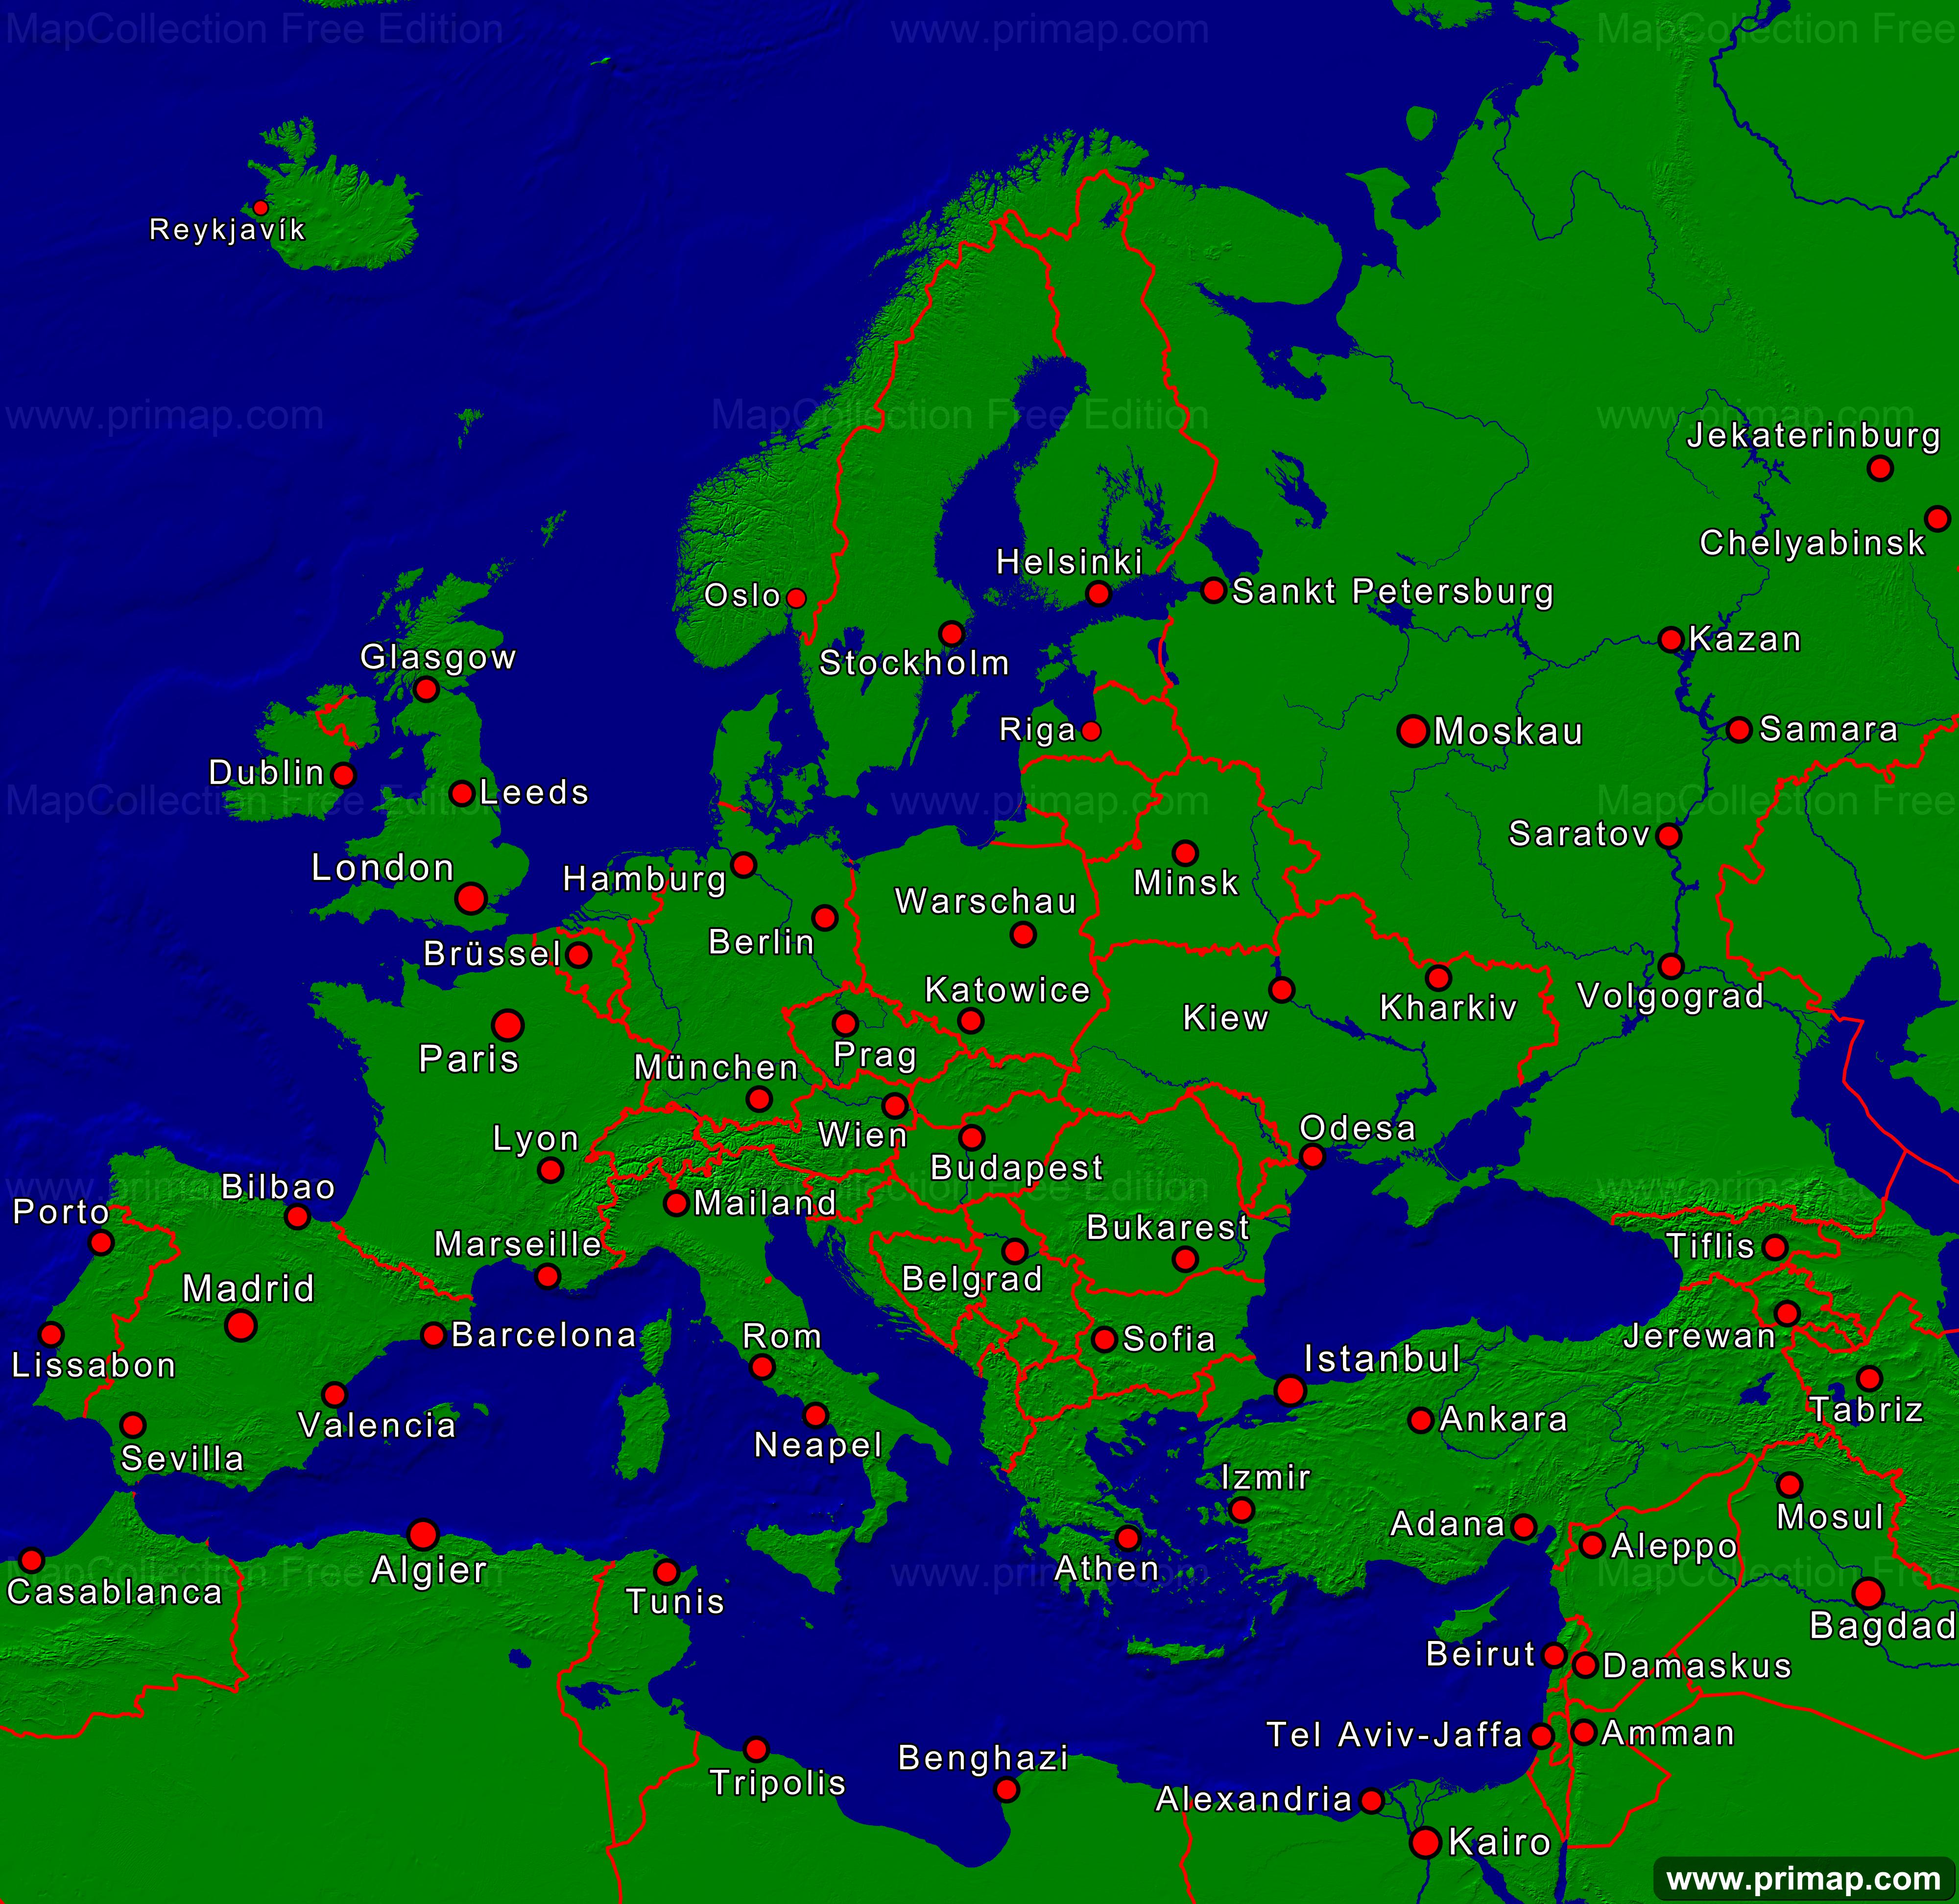 Karte Von Europa Mit Städten.Primap Kontinentalkarten